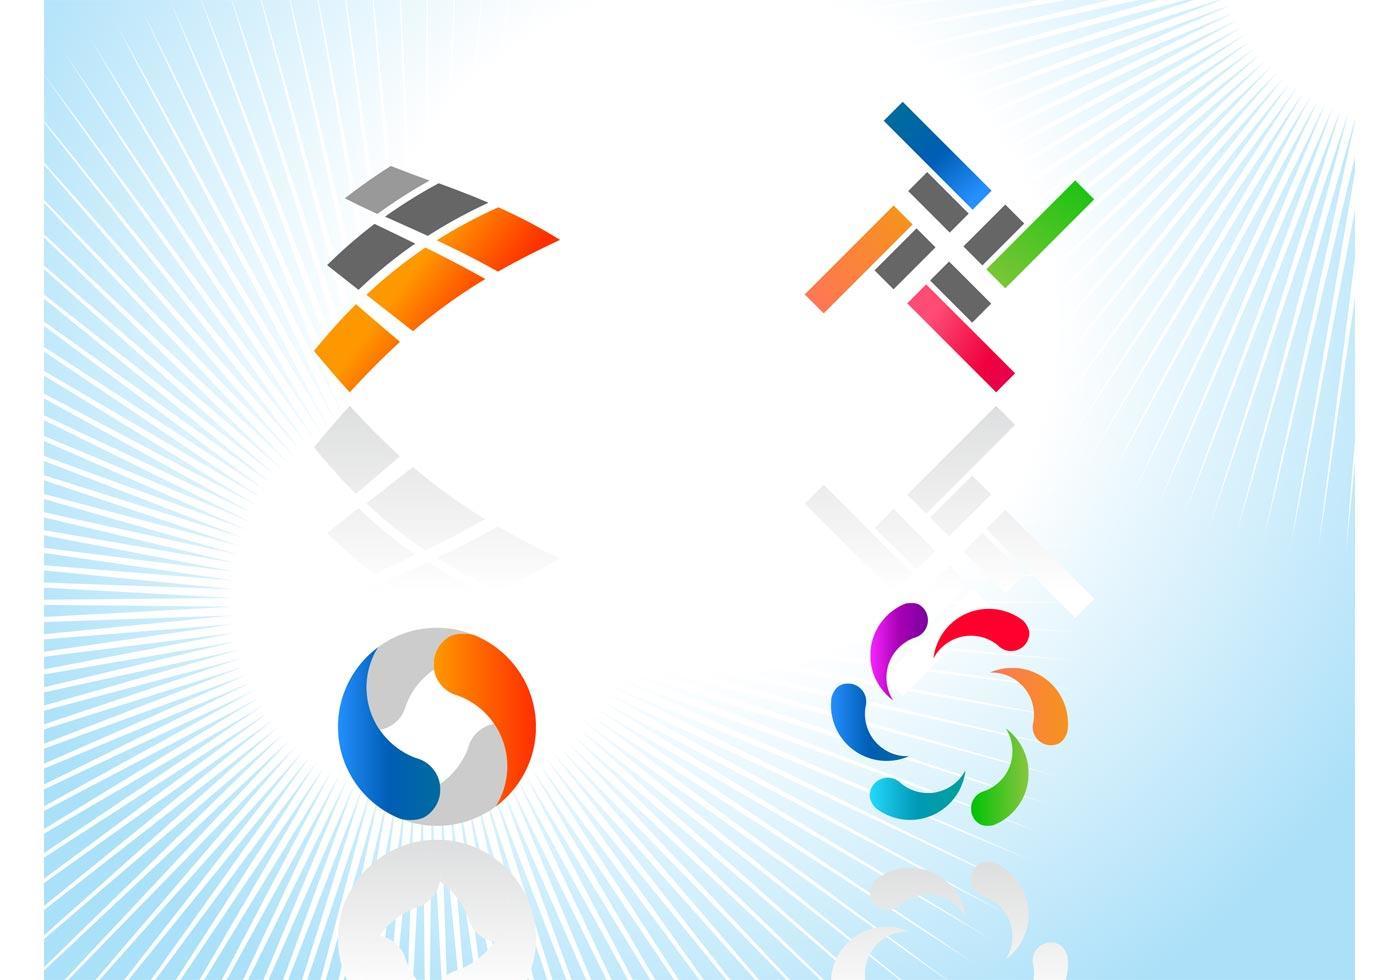 Free logo designs download